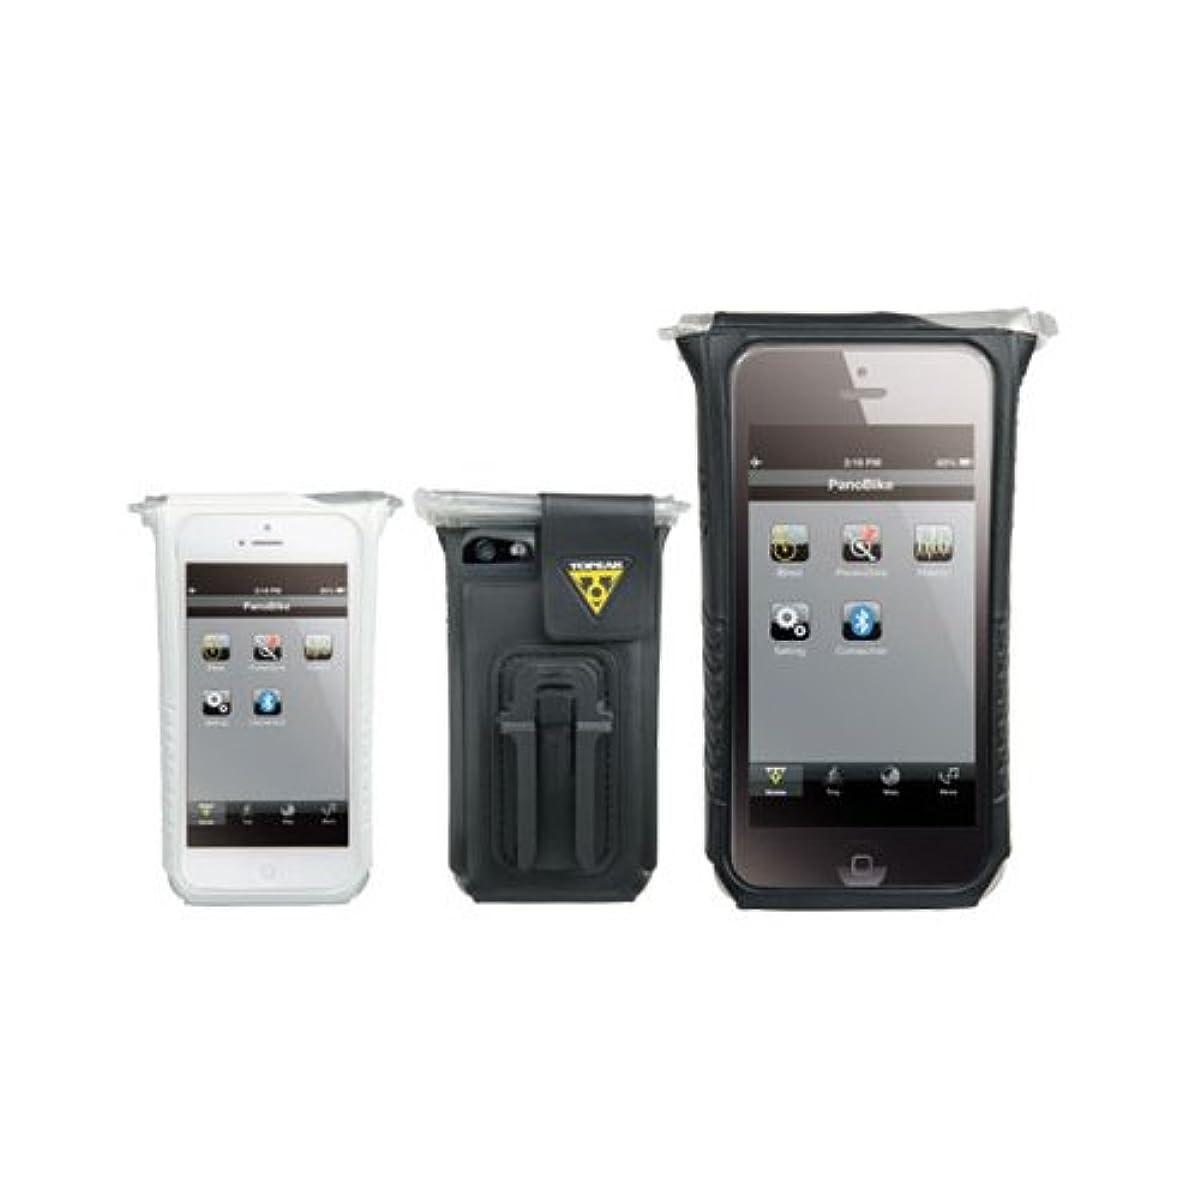 [해외] TOPEAK(도피쿠) 스마트 폰 드라이버구(iPhone 5/5S/5C 용) 컬러:블랙